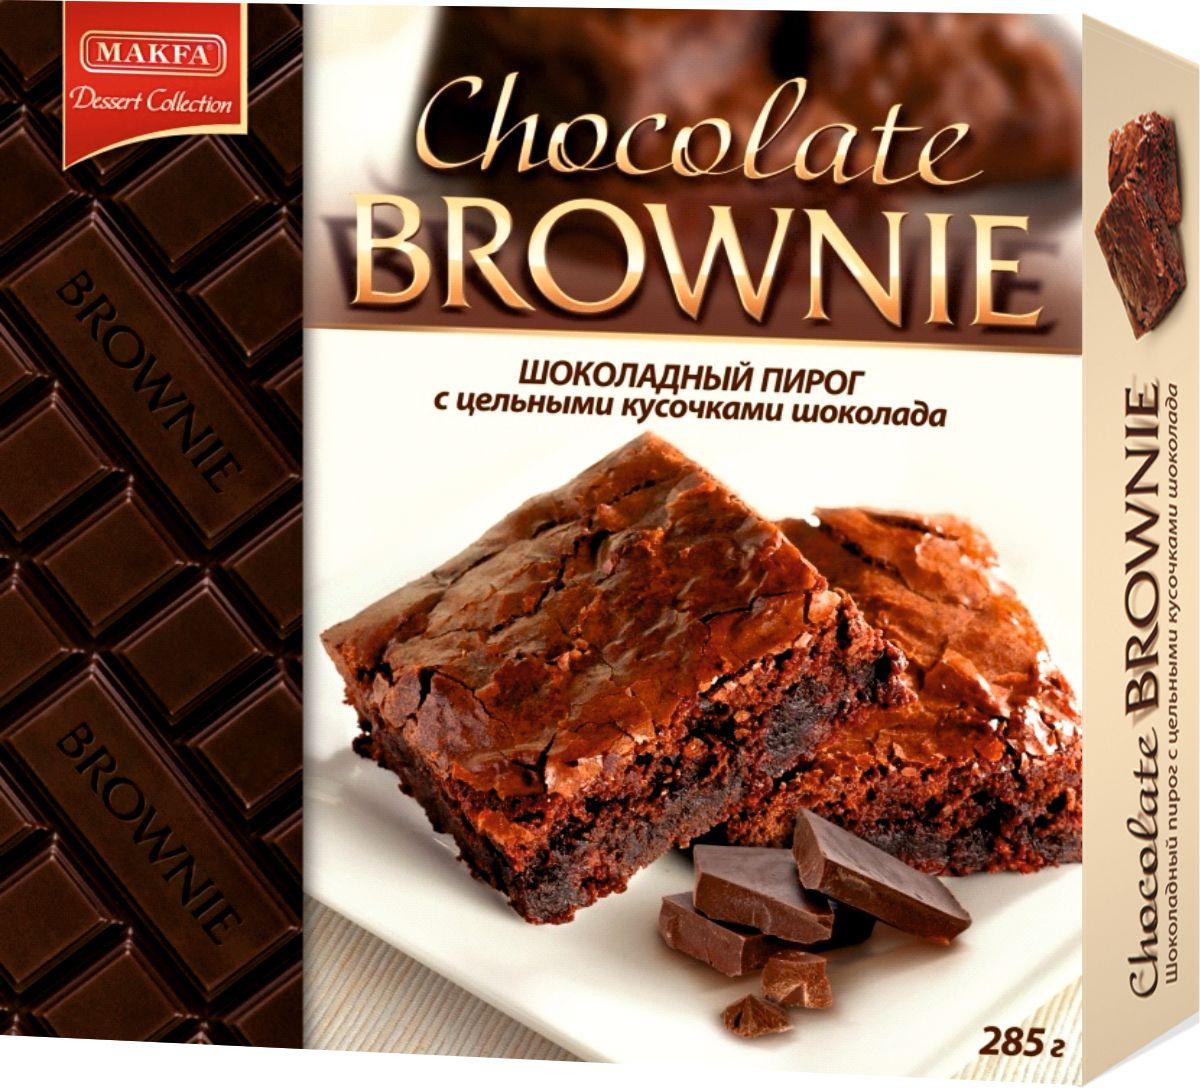 Makfa Dessert Collection пирог бисквитный с кусочками шоколада, 285 г4607061252582Его тающая структура, плотная и легкая одновременно, дарит поистине незабываемый вкус темного шоколада, который дополняют и подчеркивают цельные кусочки шоколада.